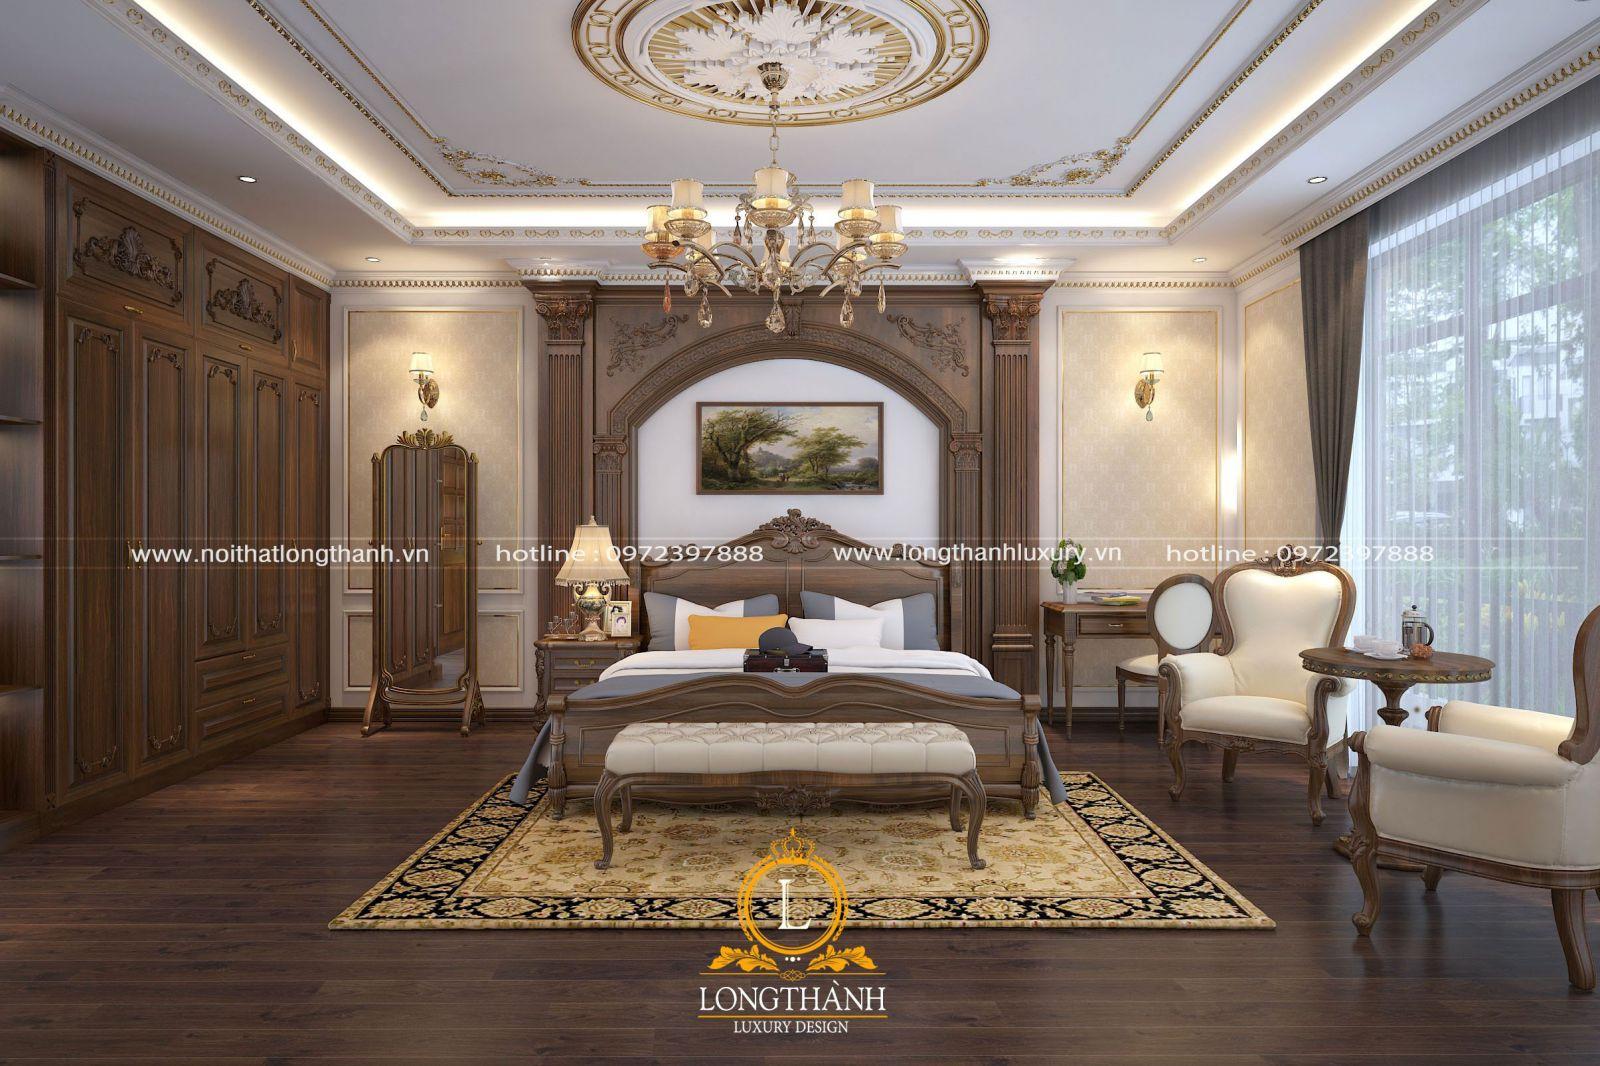 Tận hưởng cuộc sống cùng phòng ngủ tân cổ điển của Nội Thất Long Thành